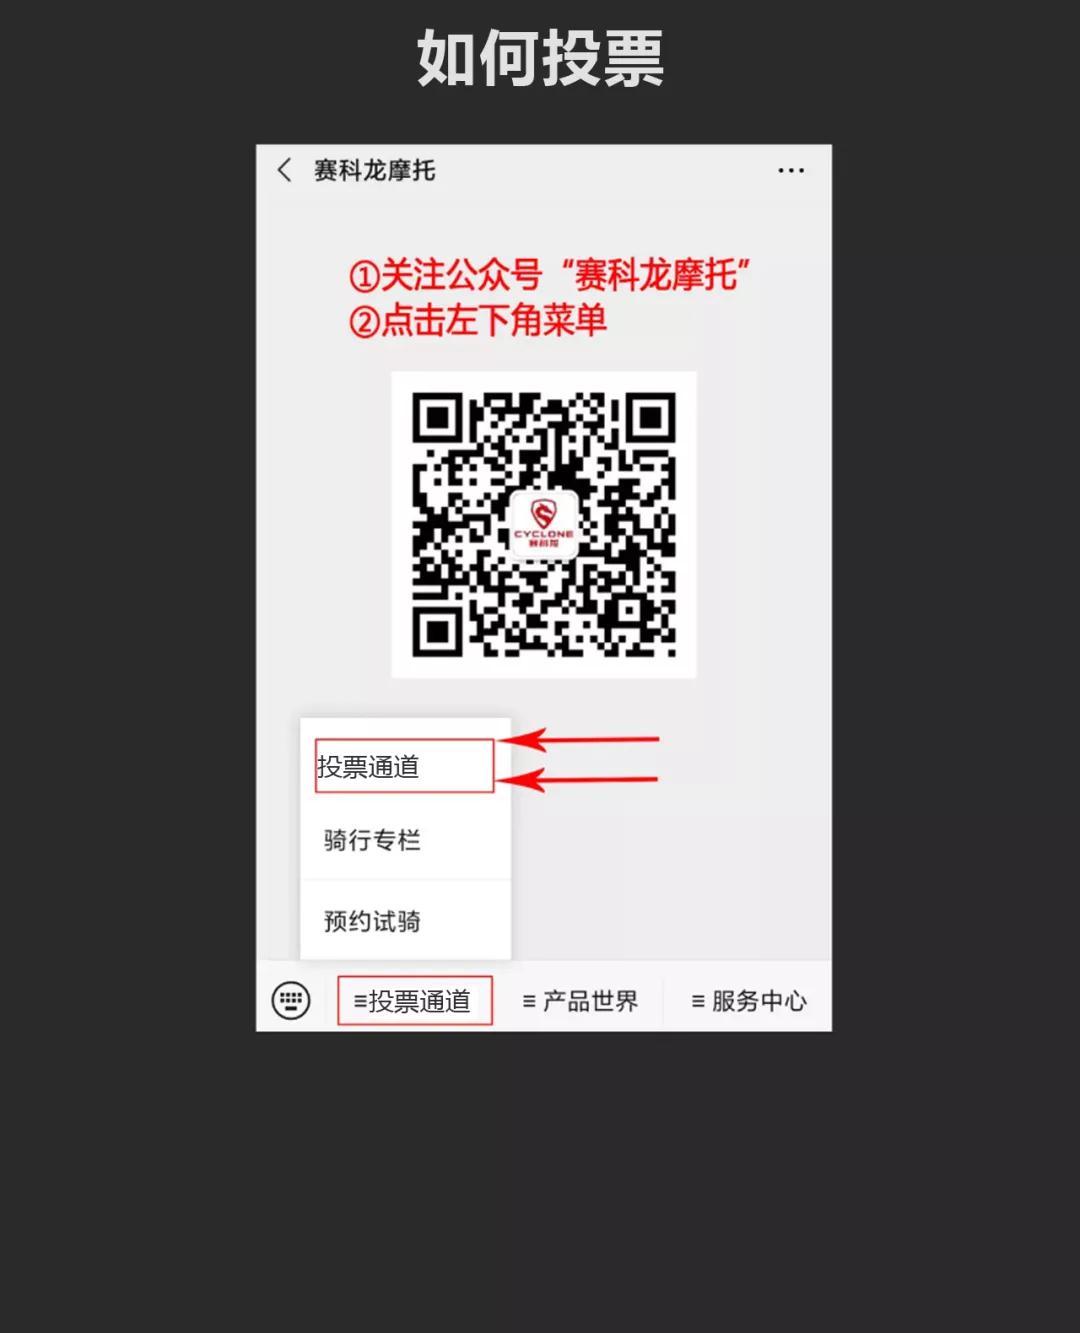 微信图片_20200825144919.jpg